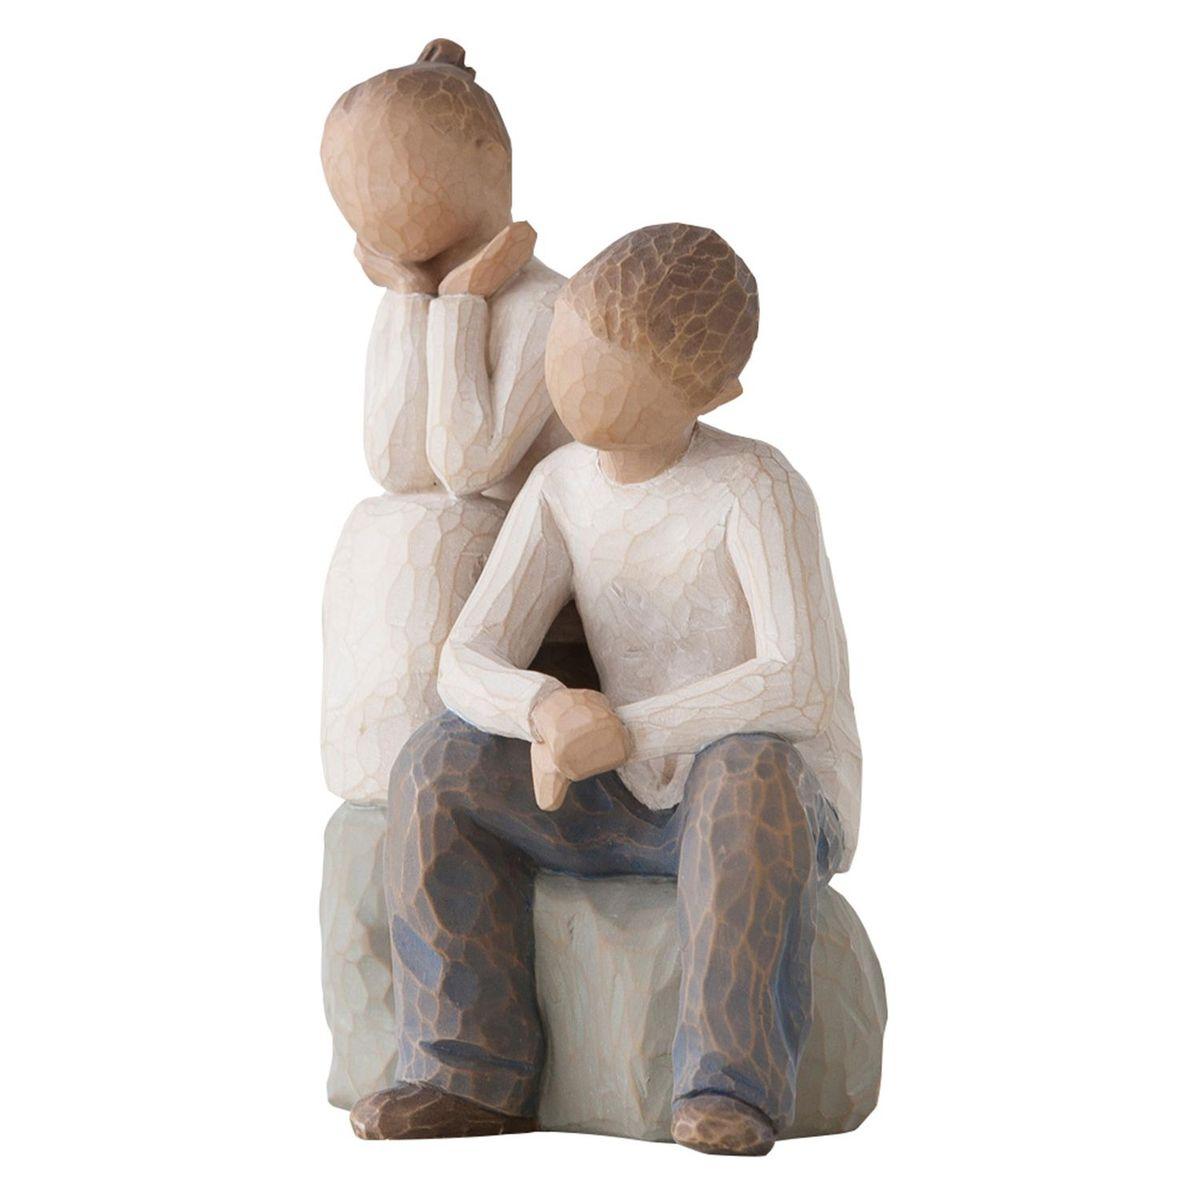 Фигурка декоративная Willow Tree Брат и сестра, высота 14 см26187Декоративная фигурка Willow Tree создана канадским скульптором Сьюзан Лорди. Фигурка выполнена из искусственного камня (49% карбонат кальция мелкозернистой разновидности, 51% искусственный камень).Фигурка Willow Tree – это настоящее произведение искусства, образная скульптура в миниатюре, изображающая эмоции и чувства, которые помогают чувствовать себя ближе к другим, верить в мечту, выражать любовь.Фигурка помещена в красивую упаковку.Купить такой оригинальный подарок, значит не только украсить интерьер помещения или жилой комнаты, но выразить свое глубокое отношение к любимому человеку. Этот прекрасный сувенир будет лучшим подарком на день ангела, именины, день рождения, юбилей.